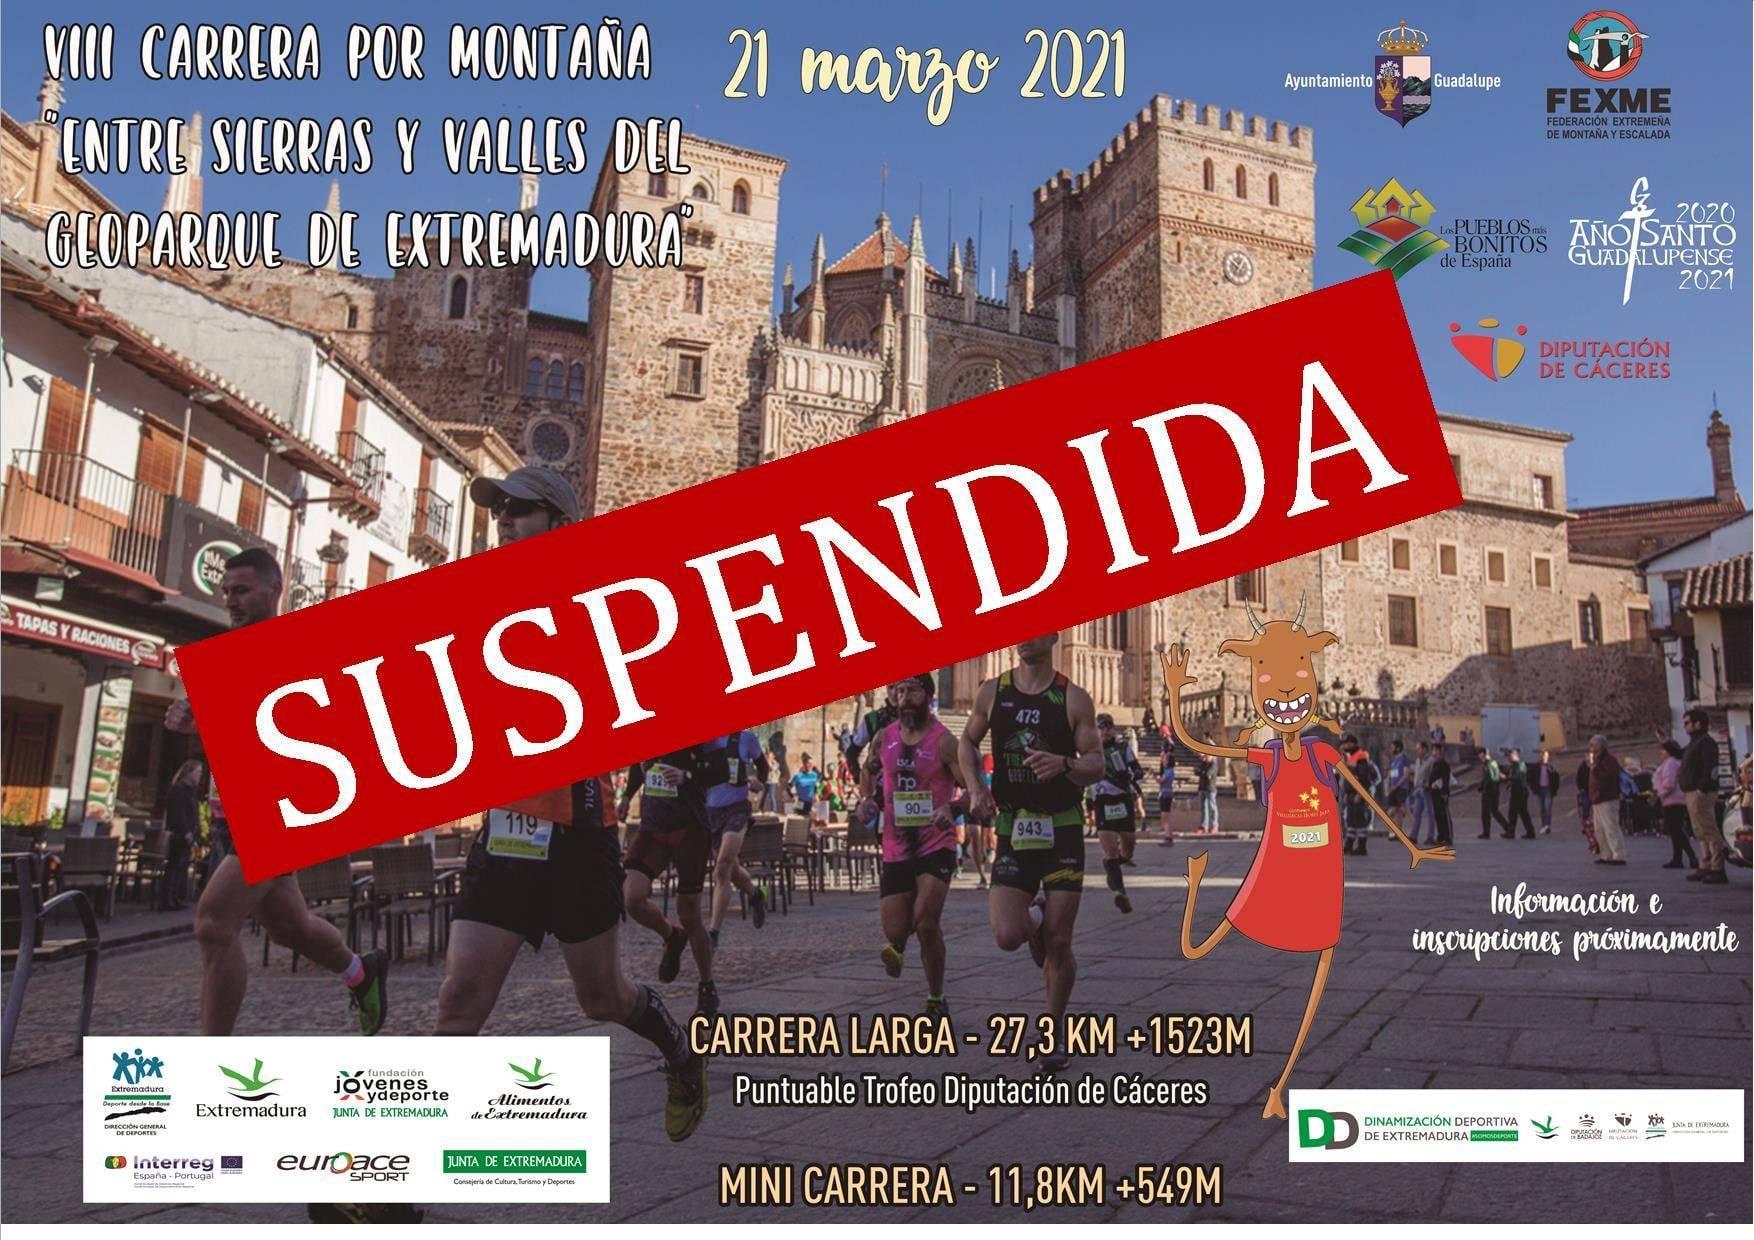 Suspendida la VIII carrera por montaña Entre sierras y valles del Geoparque de Extremadura - Guadalupe (Cáceres)